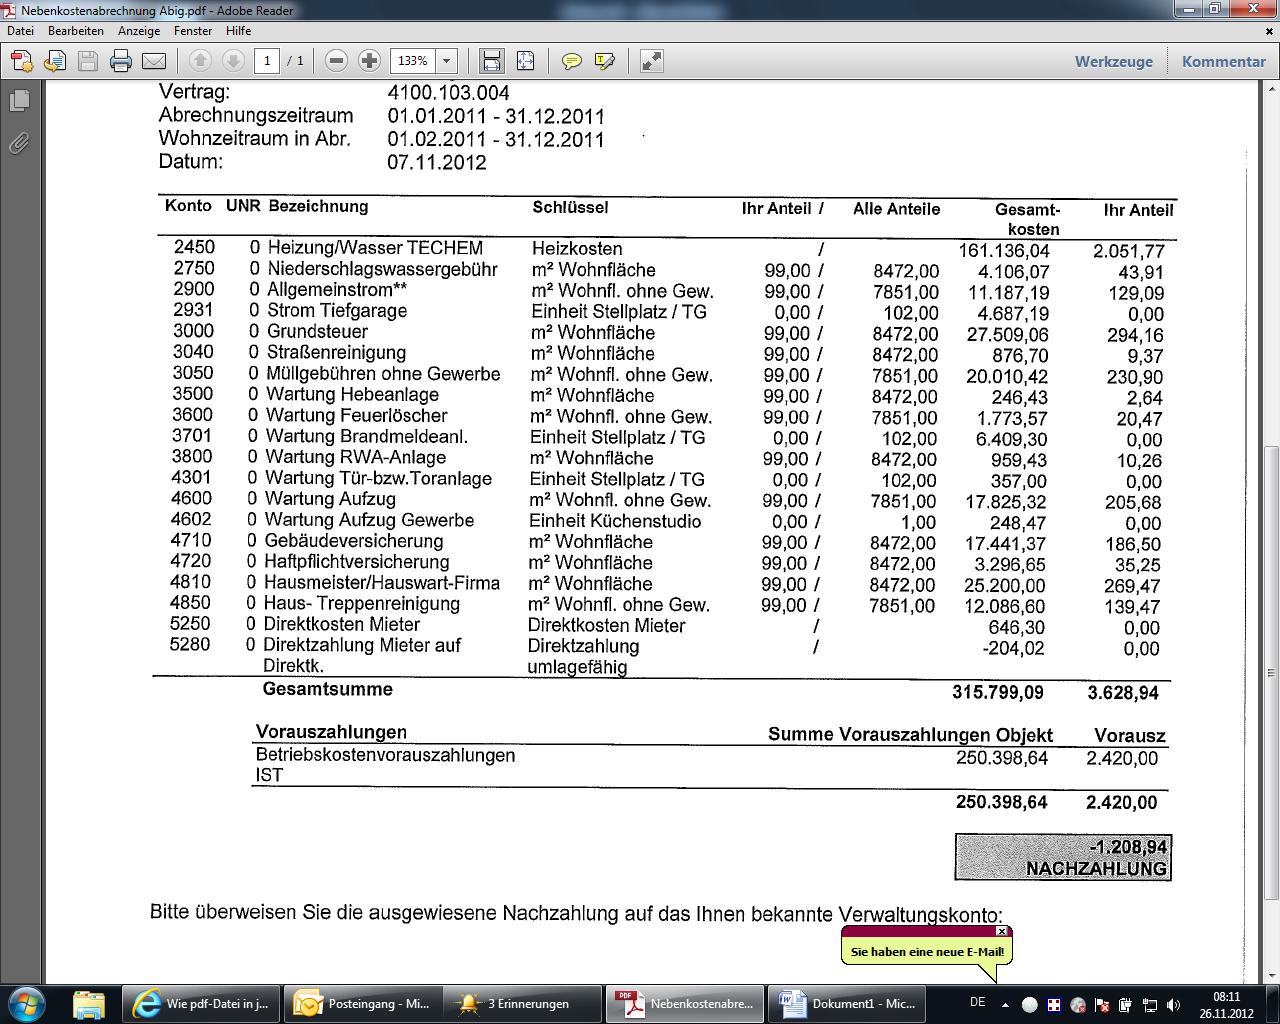 Widerspruchsfrist Nebenkostenabrechnung Recht Auf Belegeinsicht